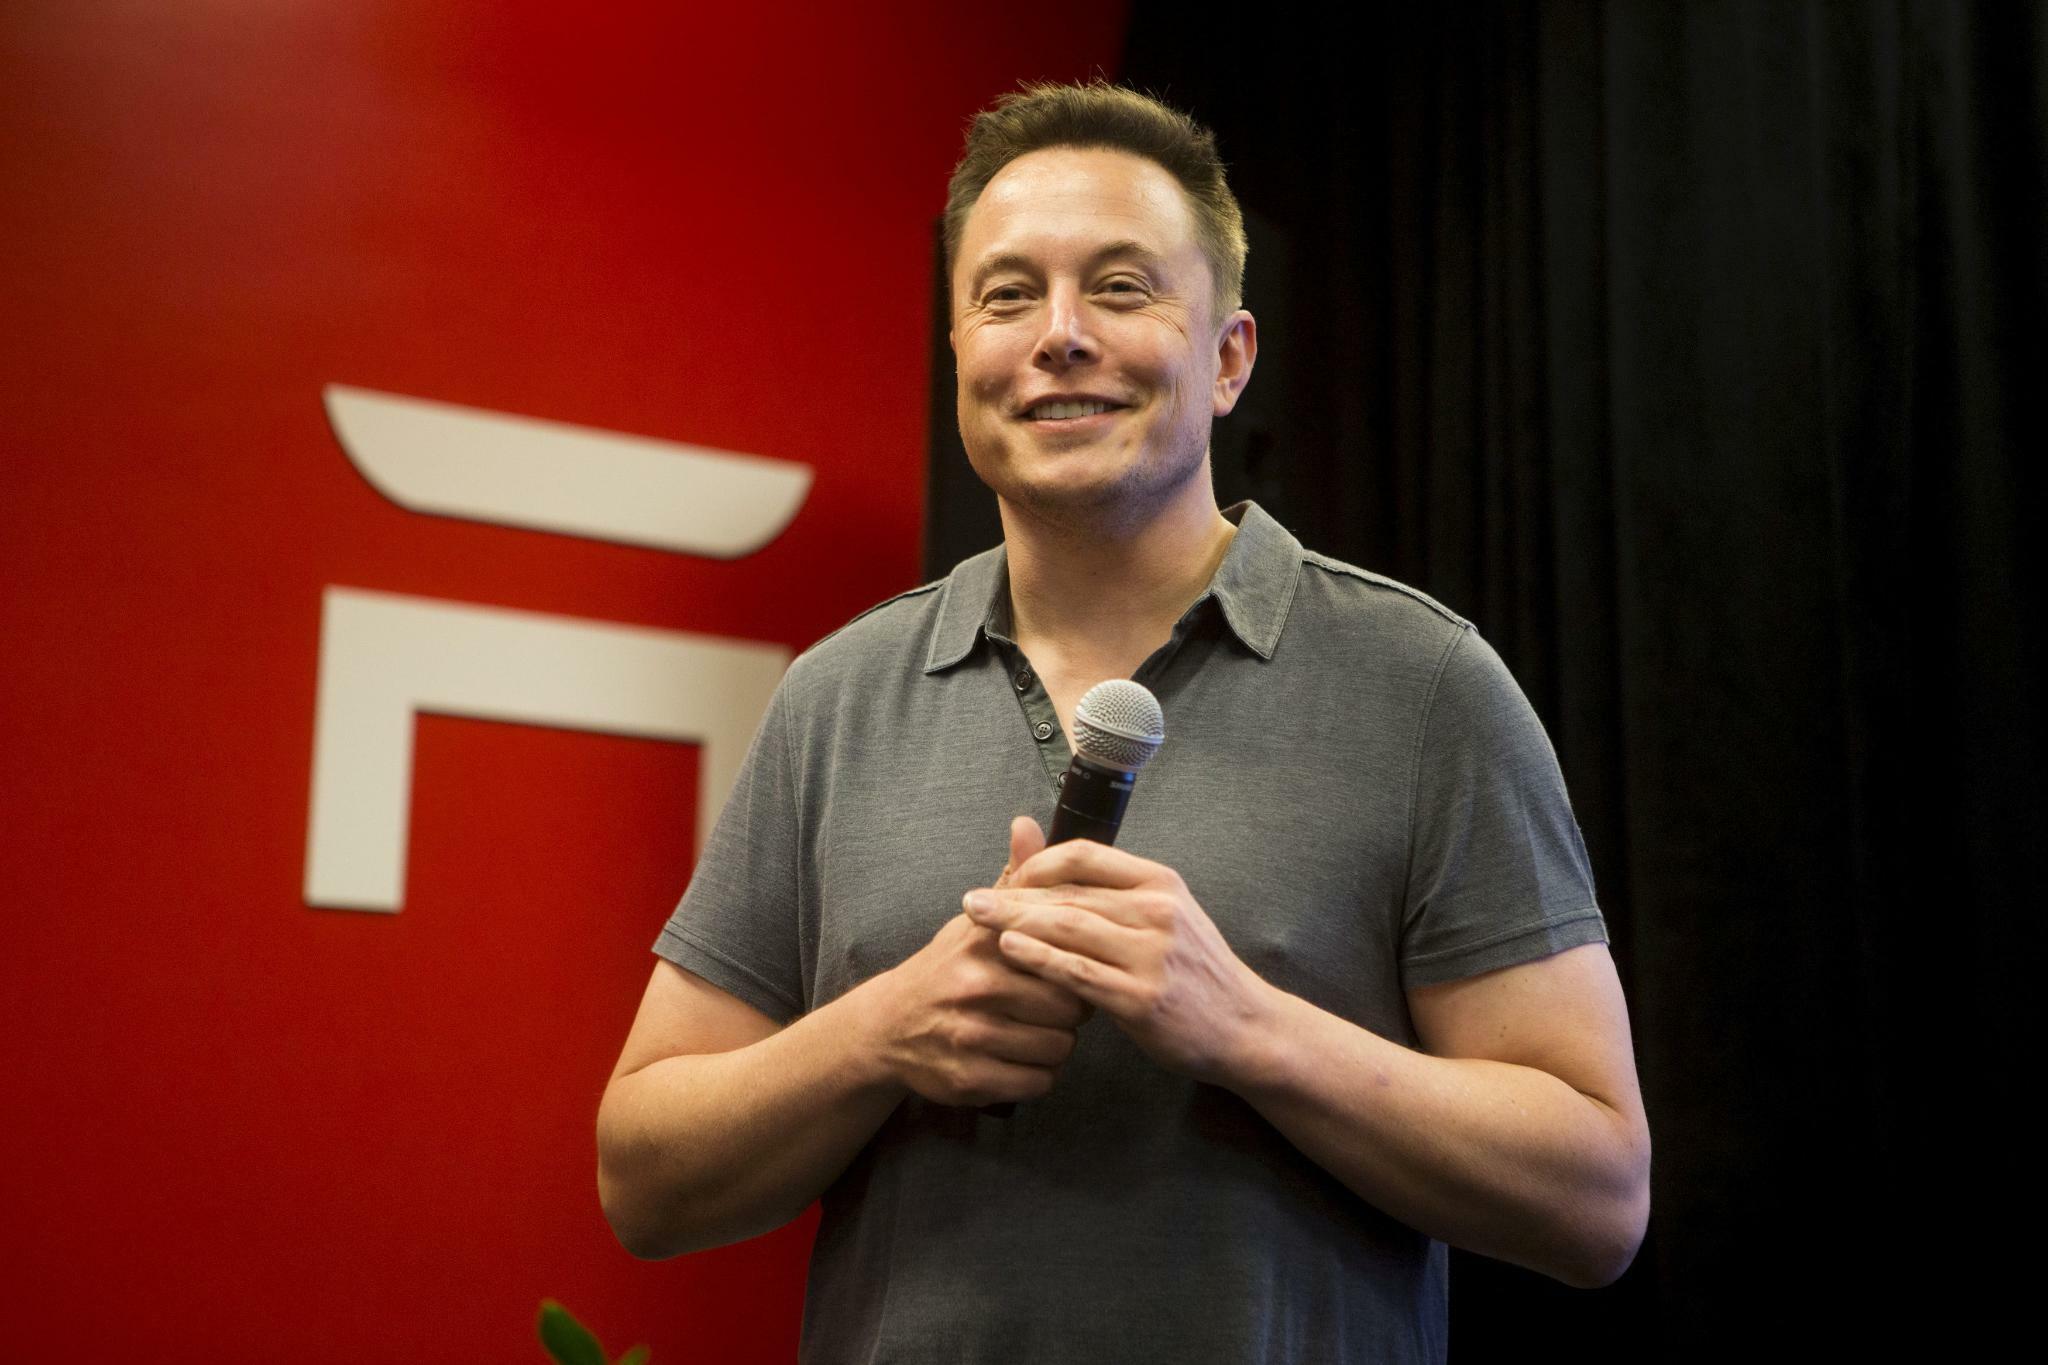 Brandenburger Regierungssprecher: Tesla stimmt Grundstückskauf zu